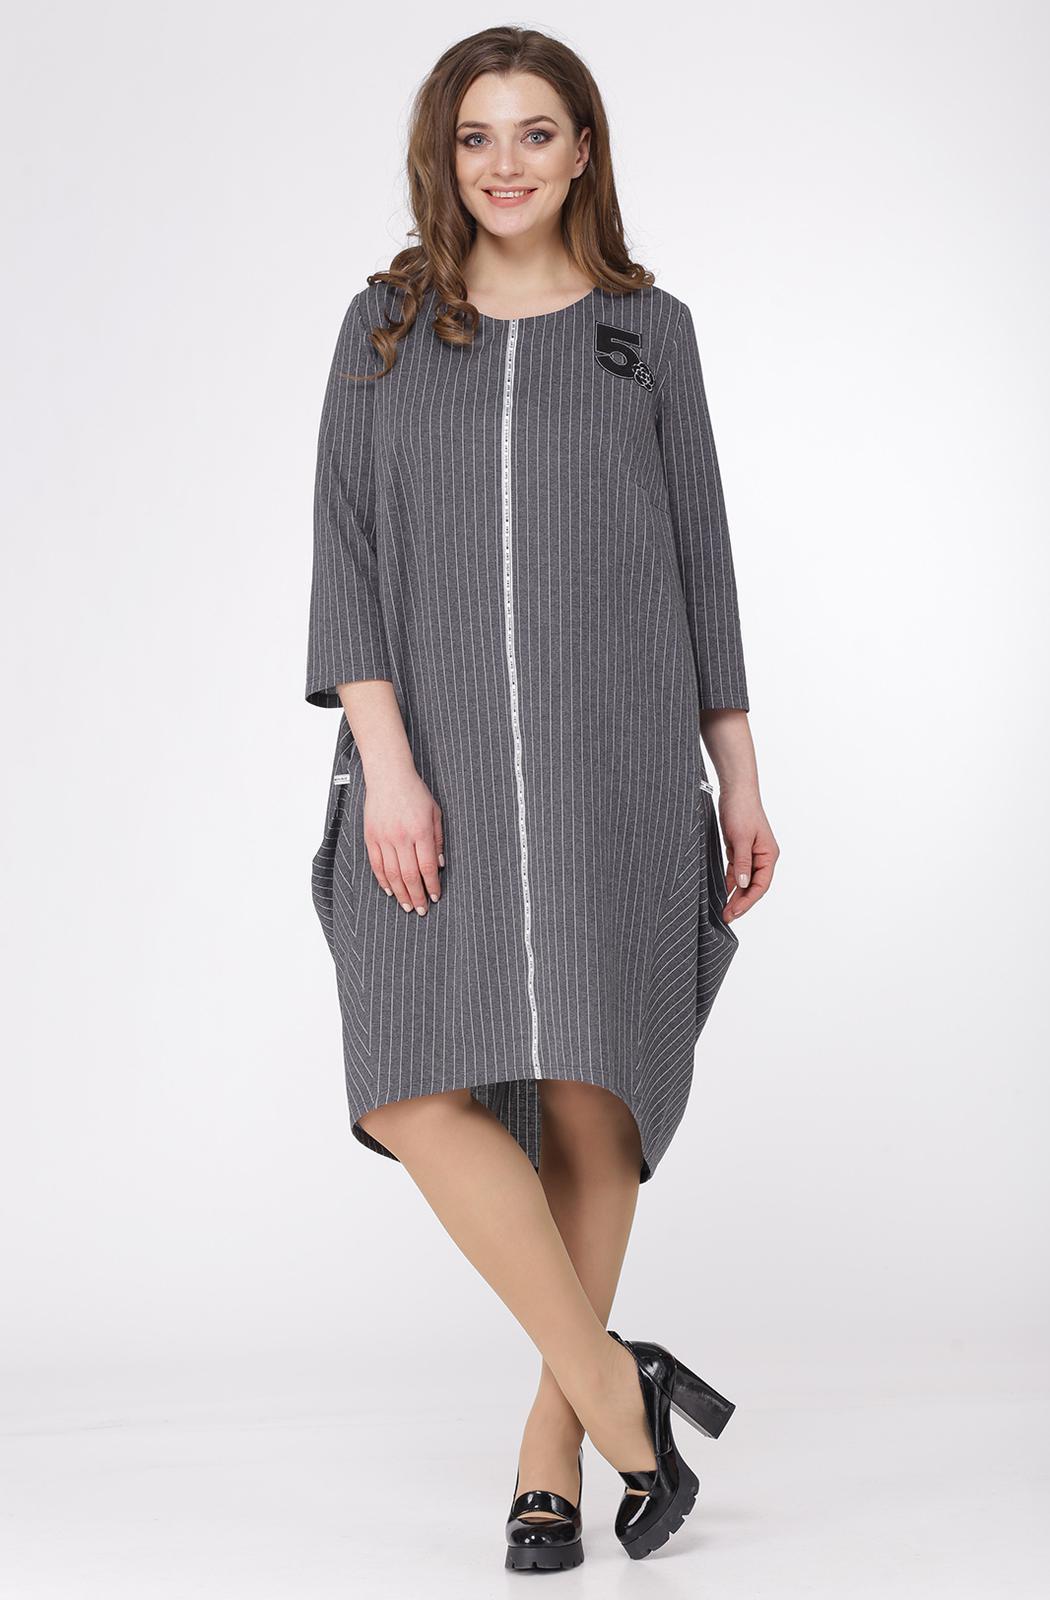 acca8aa369d Купить нарядное платье большого размера. Нарядные платья для полных